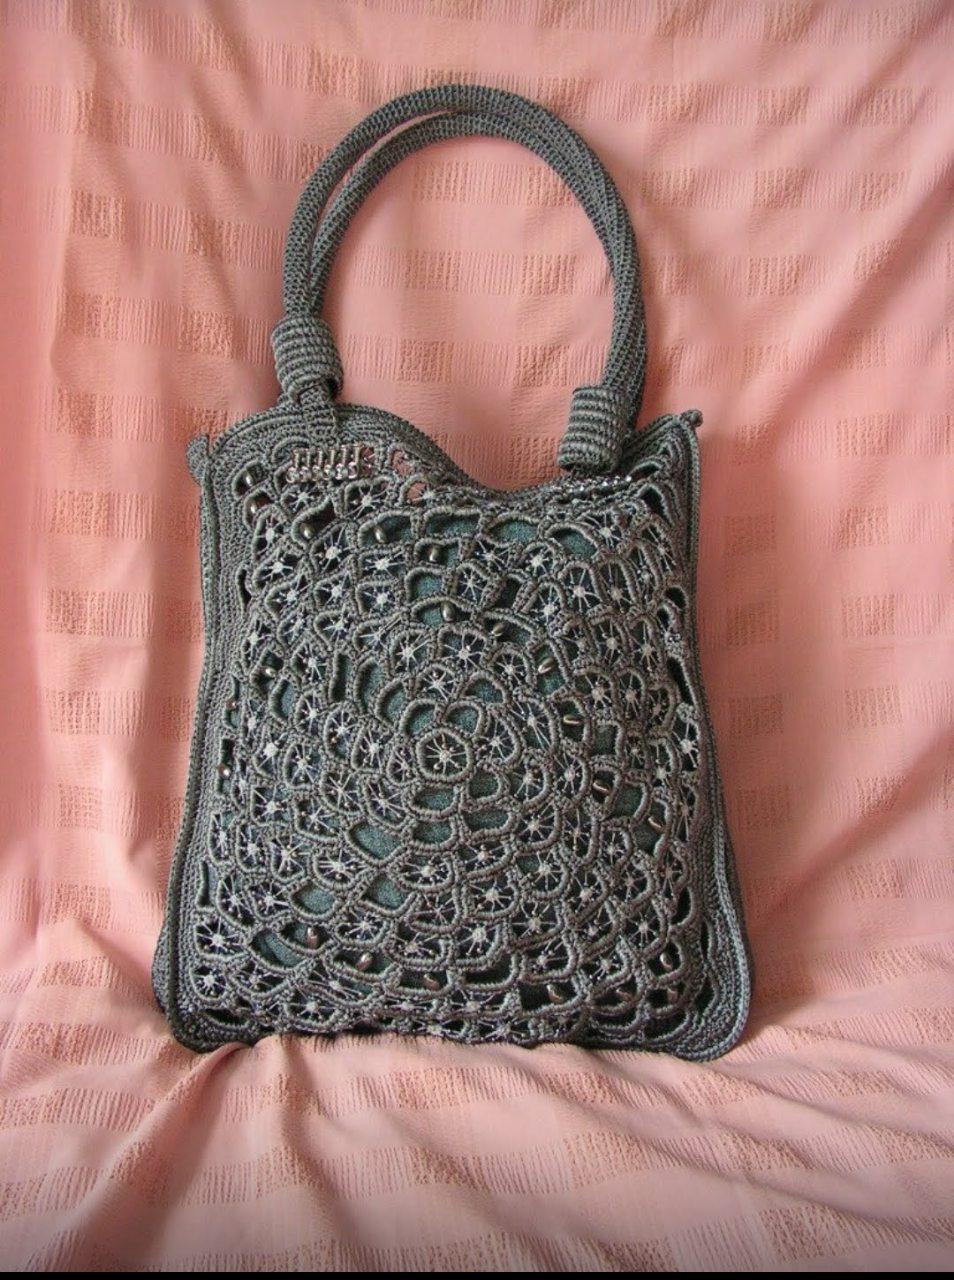 a2b66e2f48e2 сумка своими руками, сумка в подарок, сумка вязаная, сумка вязаная крючком,  сумка для женщины